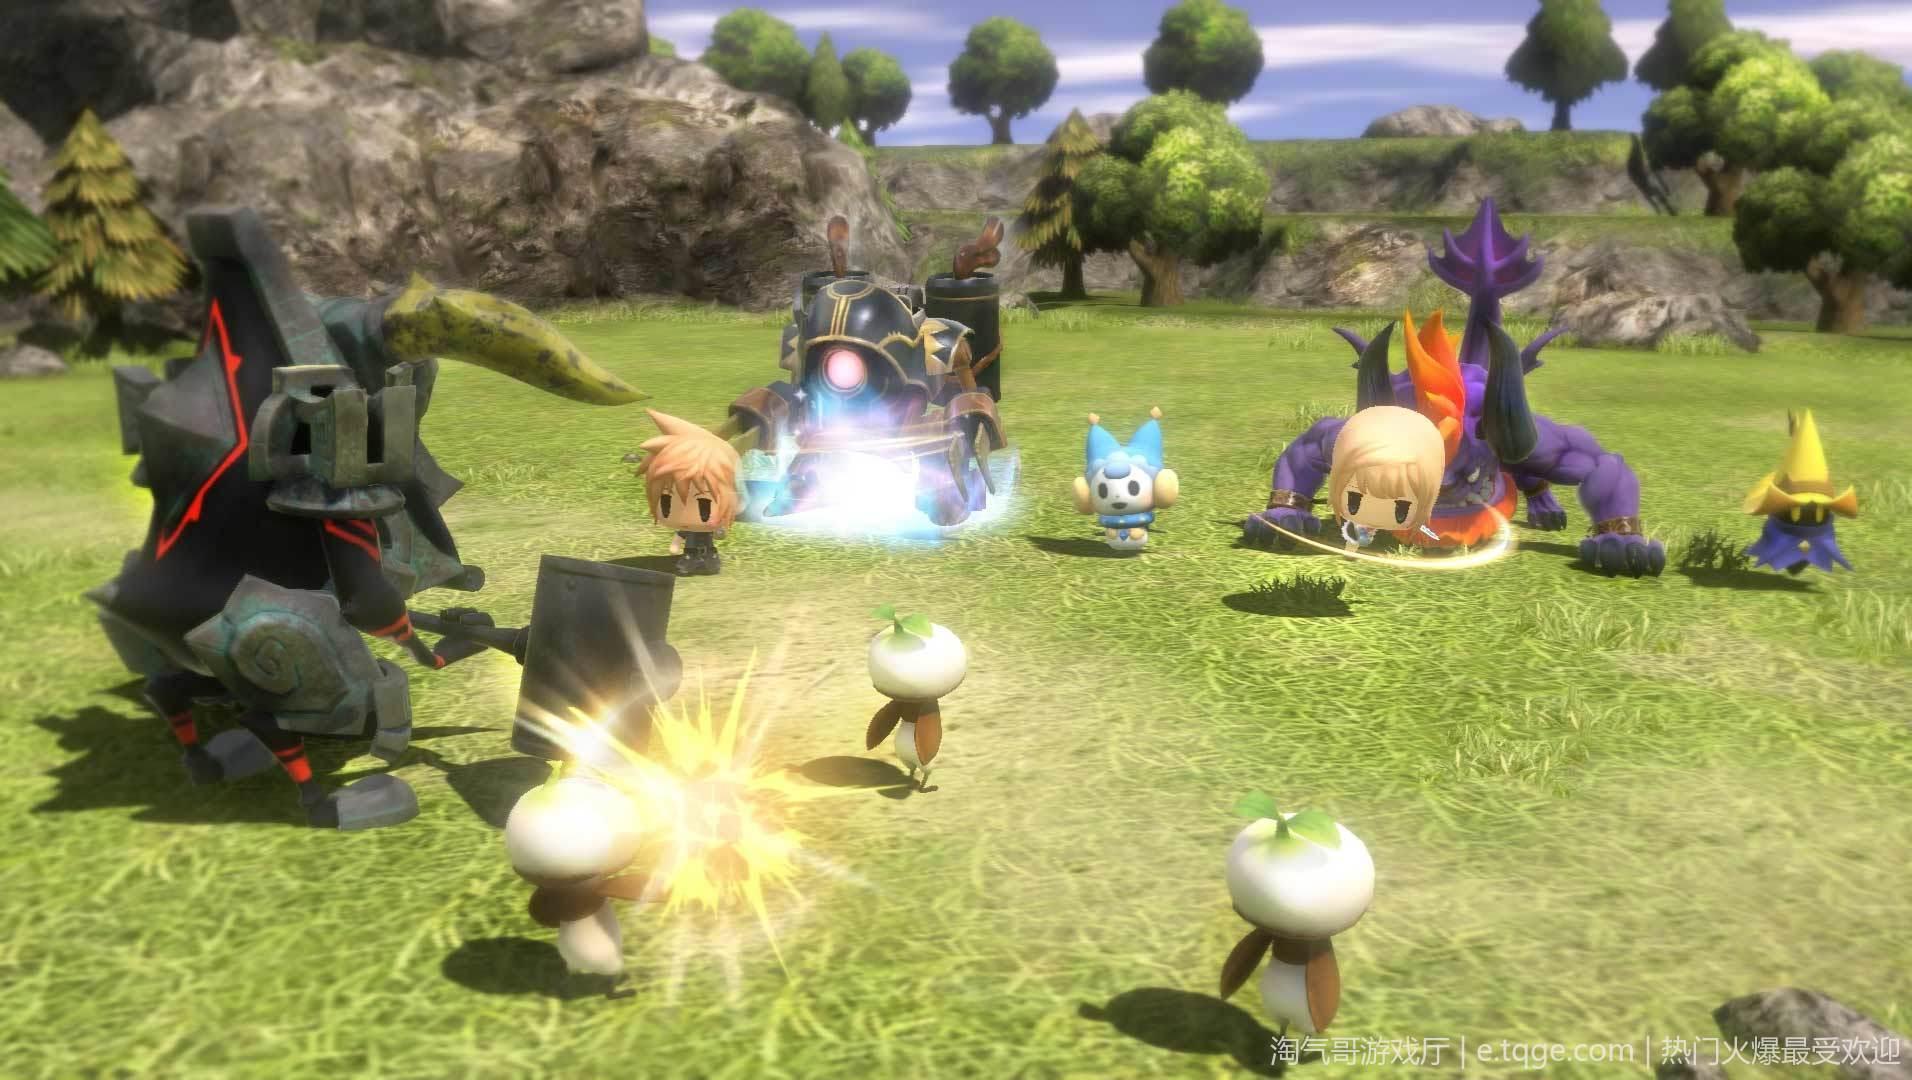 最终幻想 世界 角色扮演 第8张